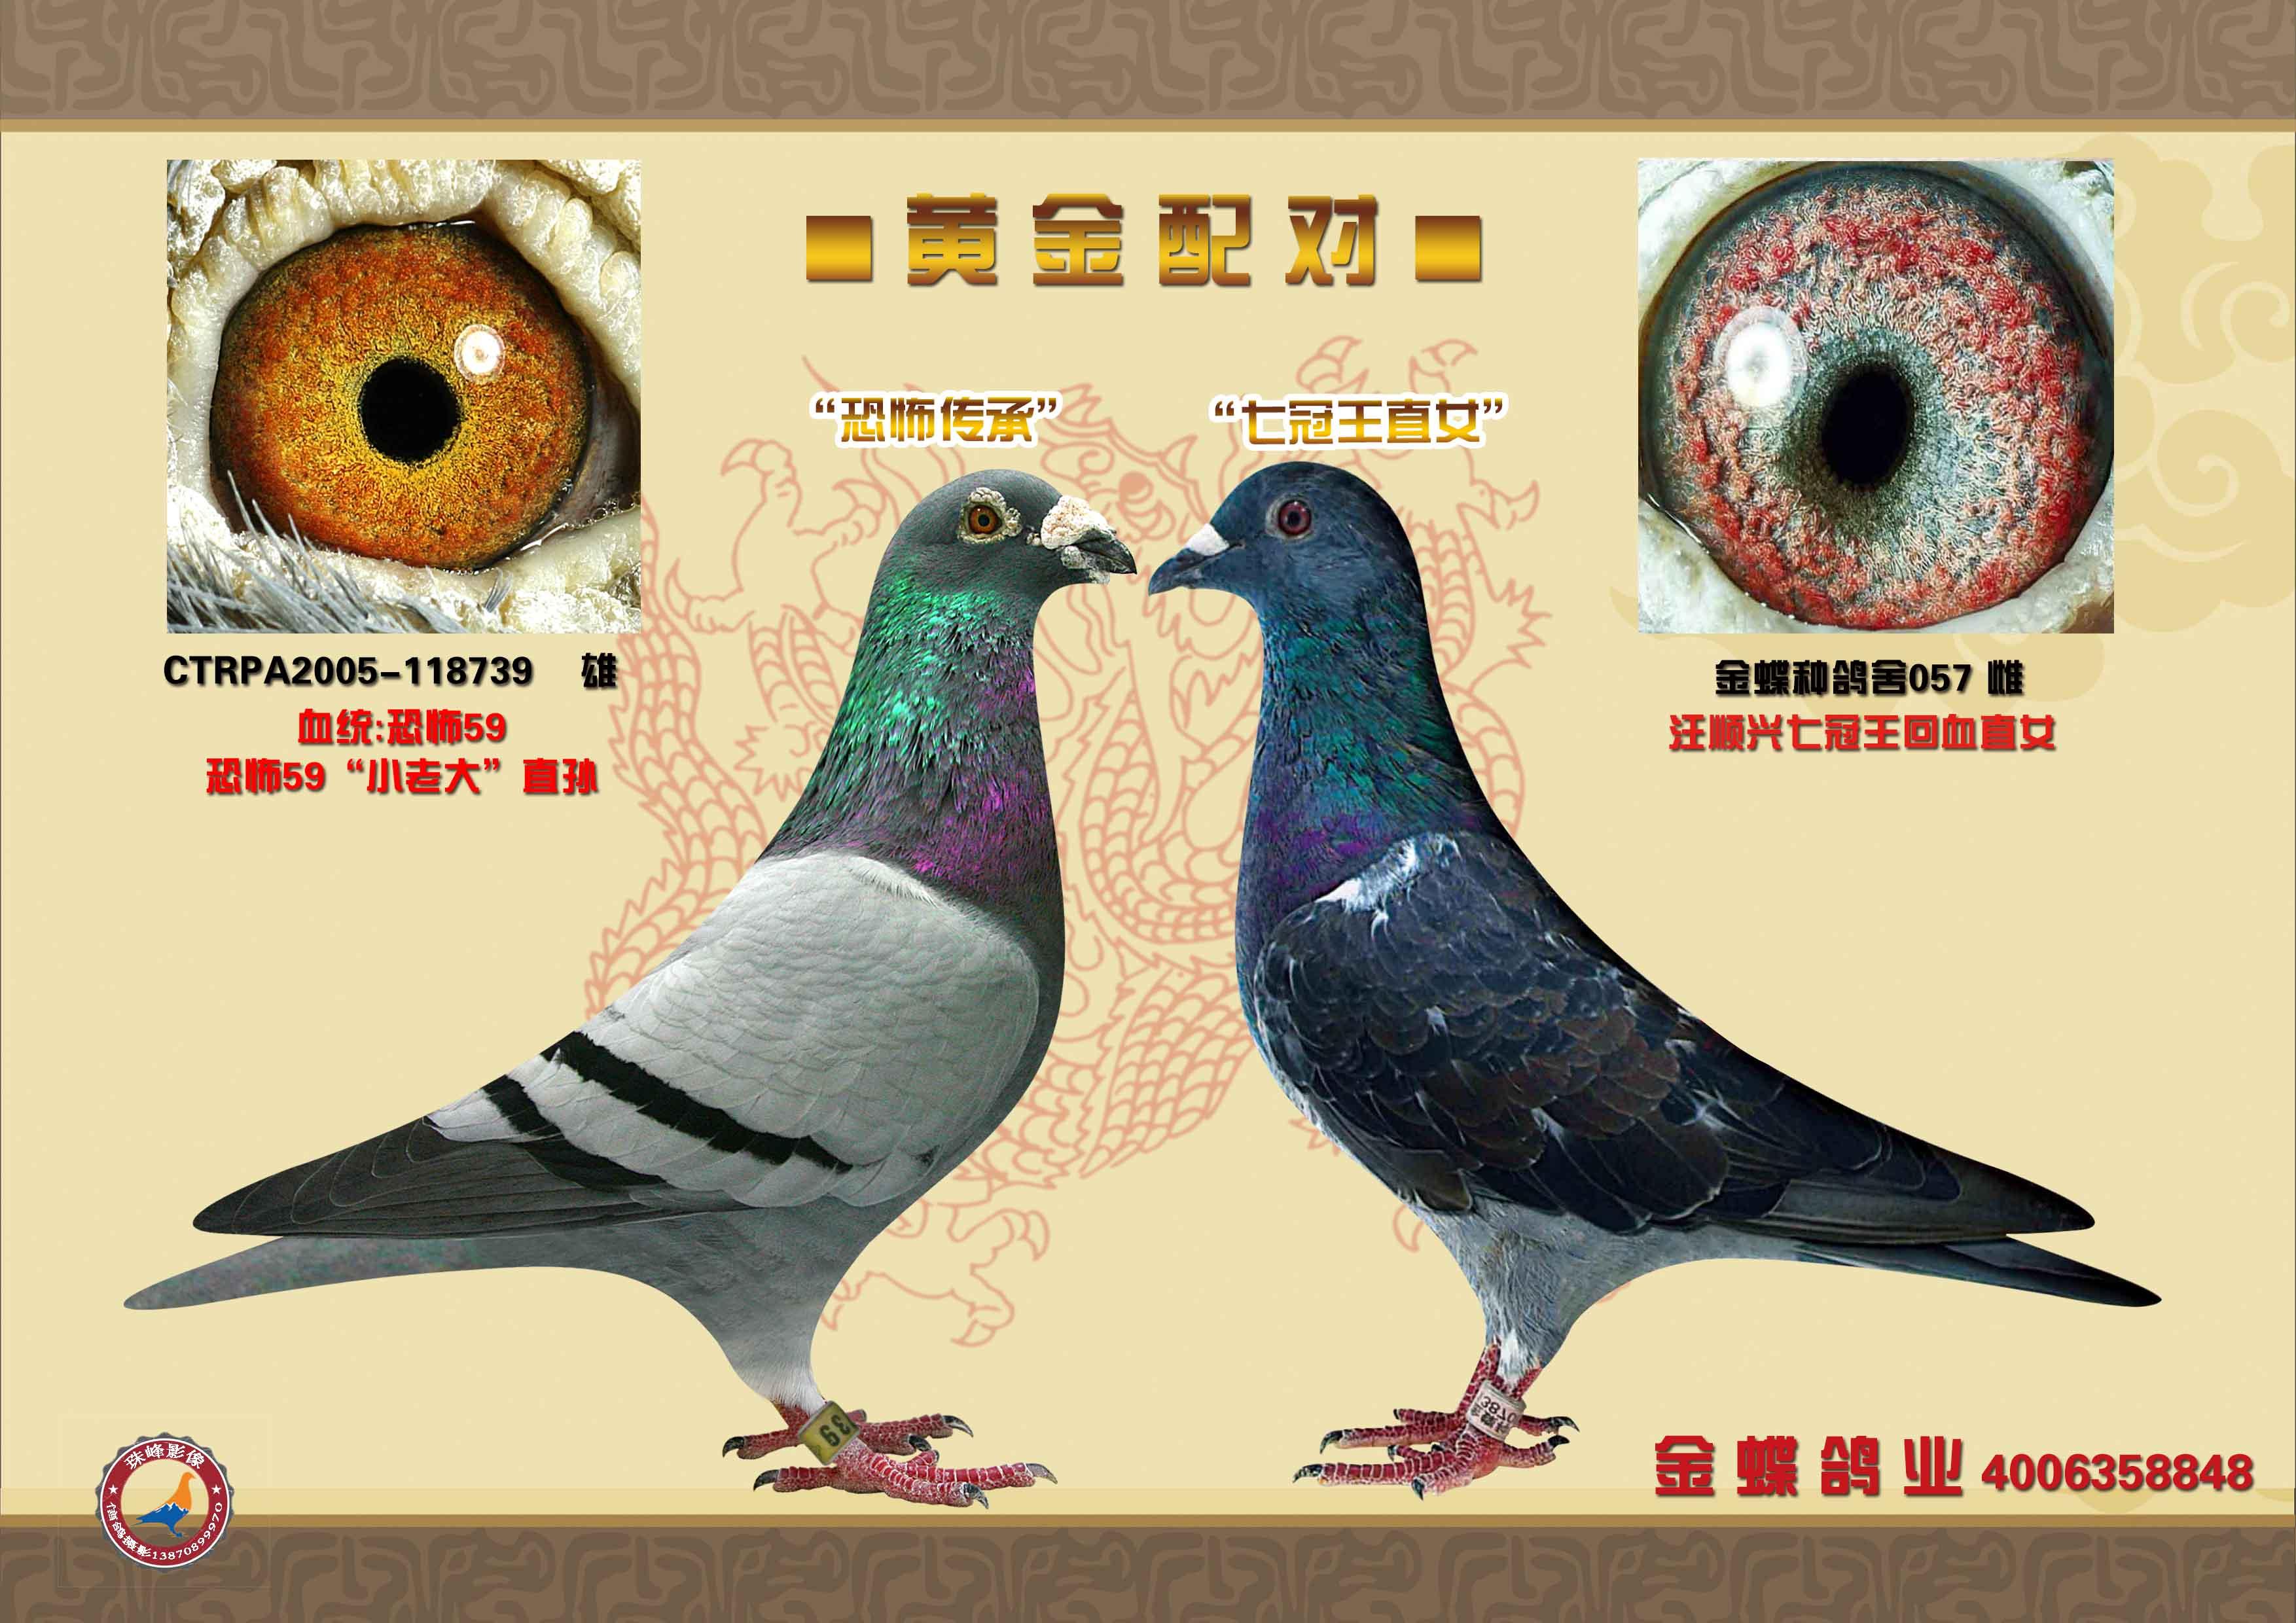 信鸽眼沙黄金配对图片-信鸽配对 信鸽眼志黄金配对图片